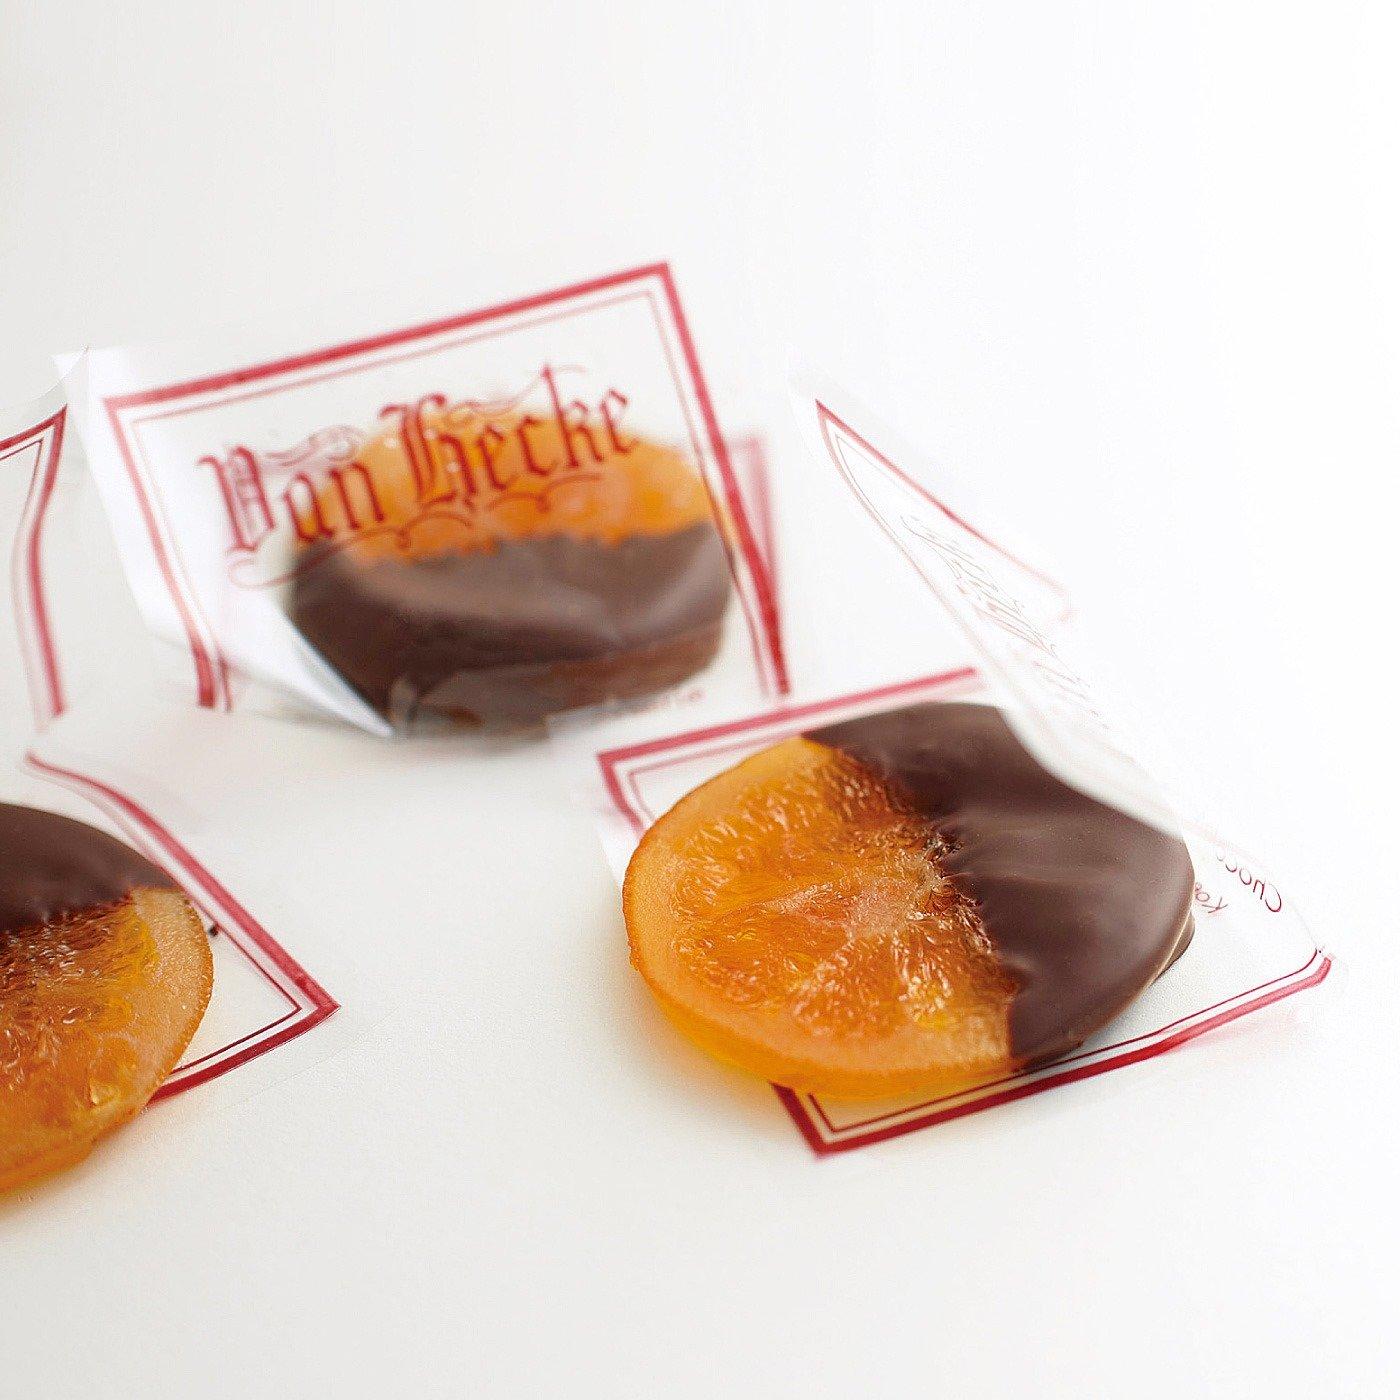 【ホワイトデイお届け】バン ヘッケ オレンジピールチョコ